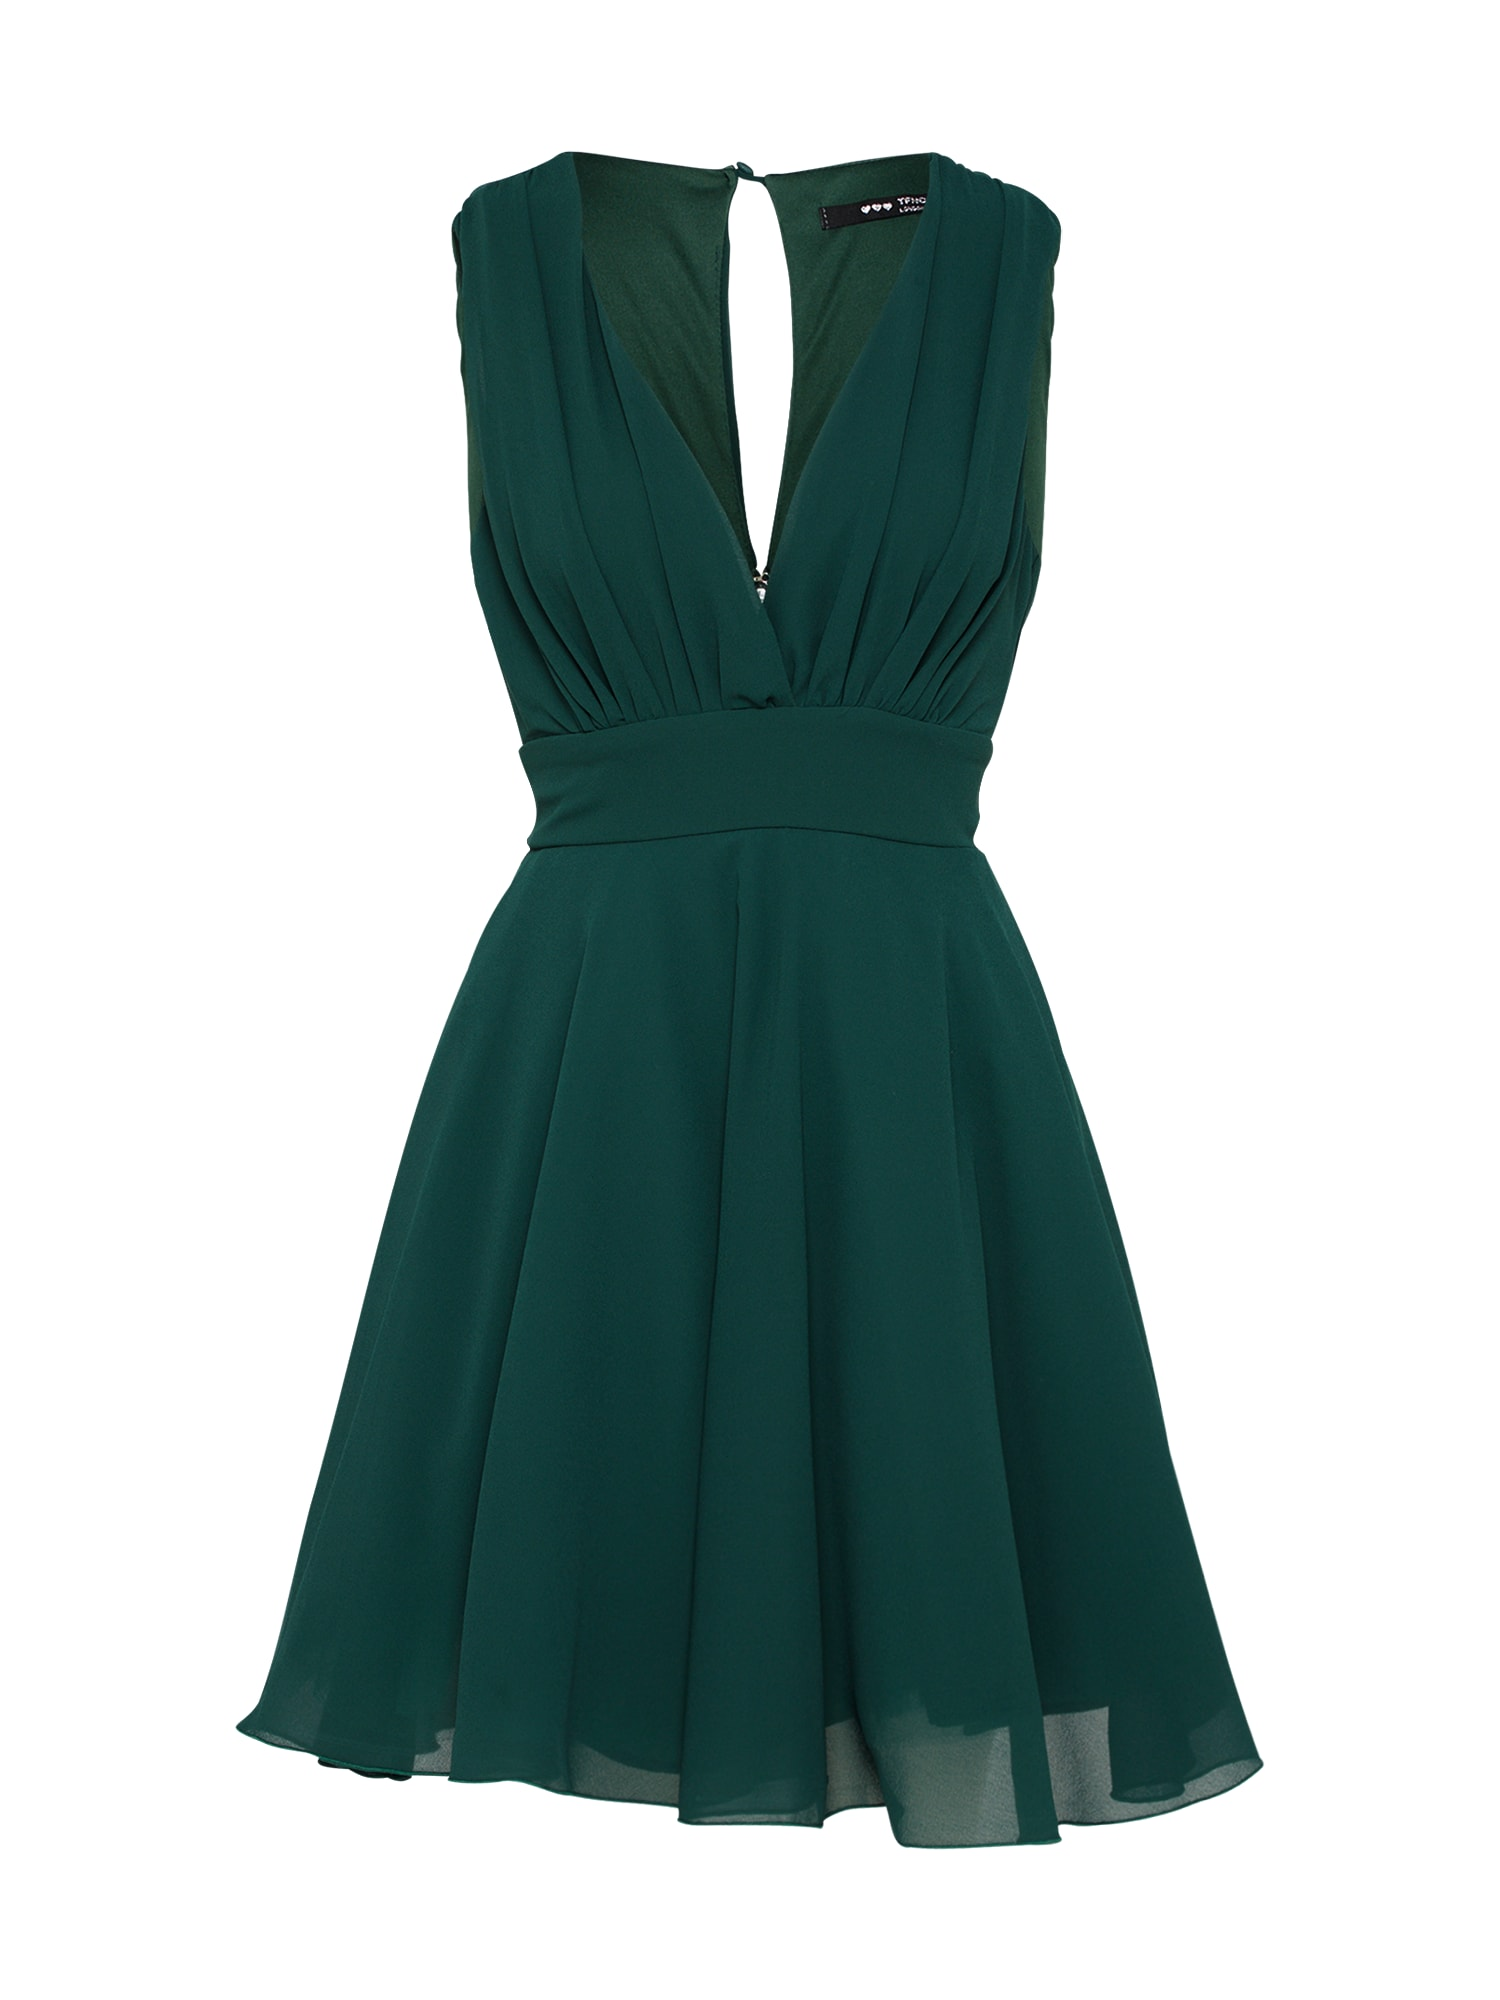 Letní šaty Nordi zelená TFNC